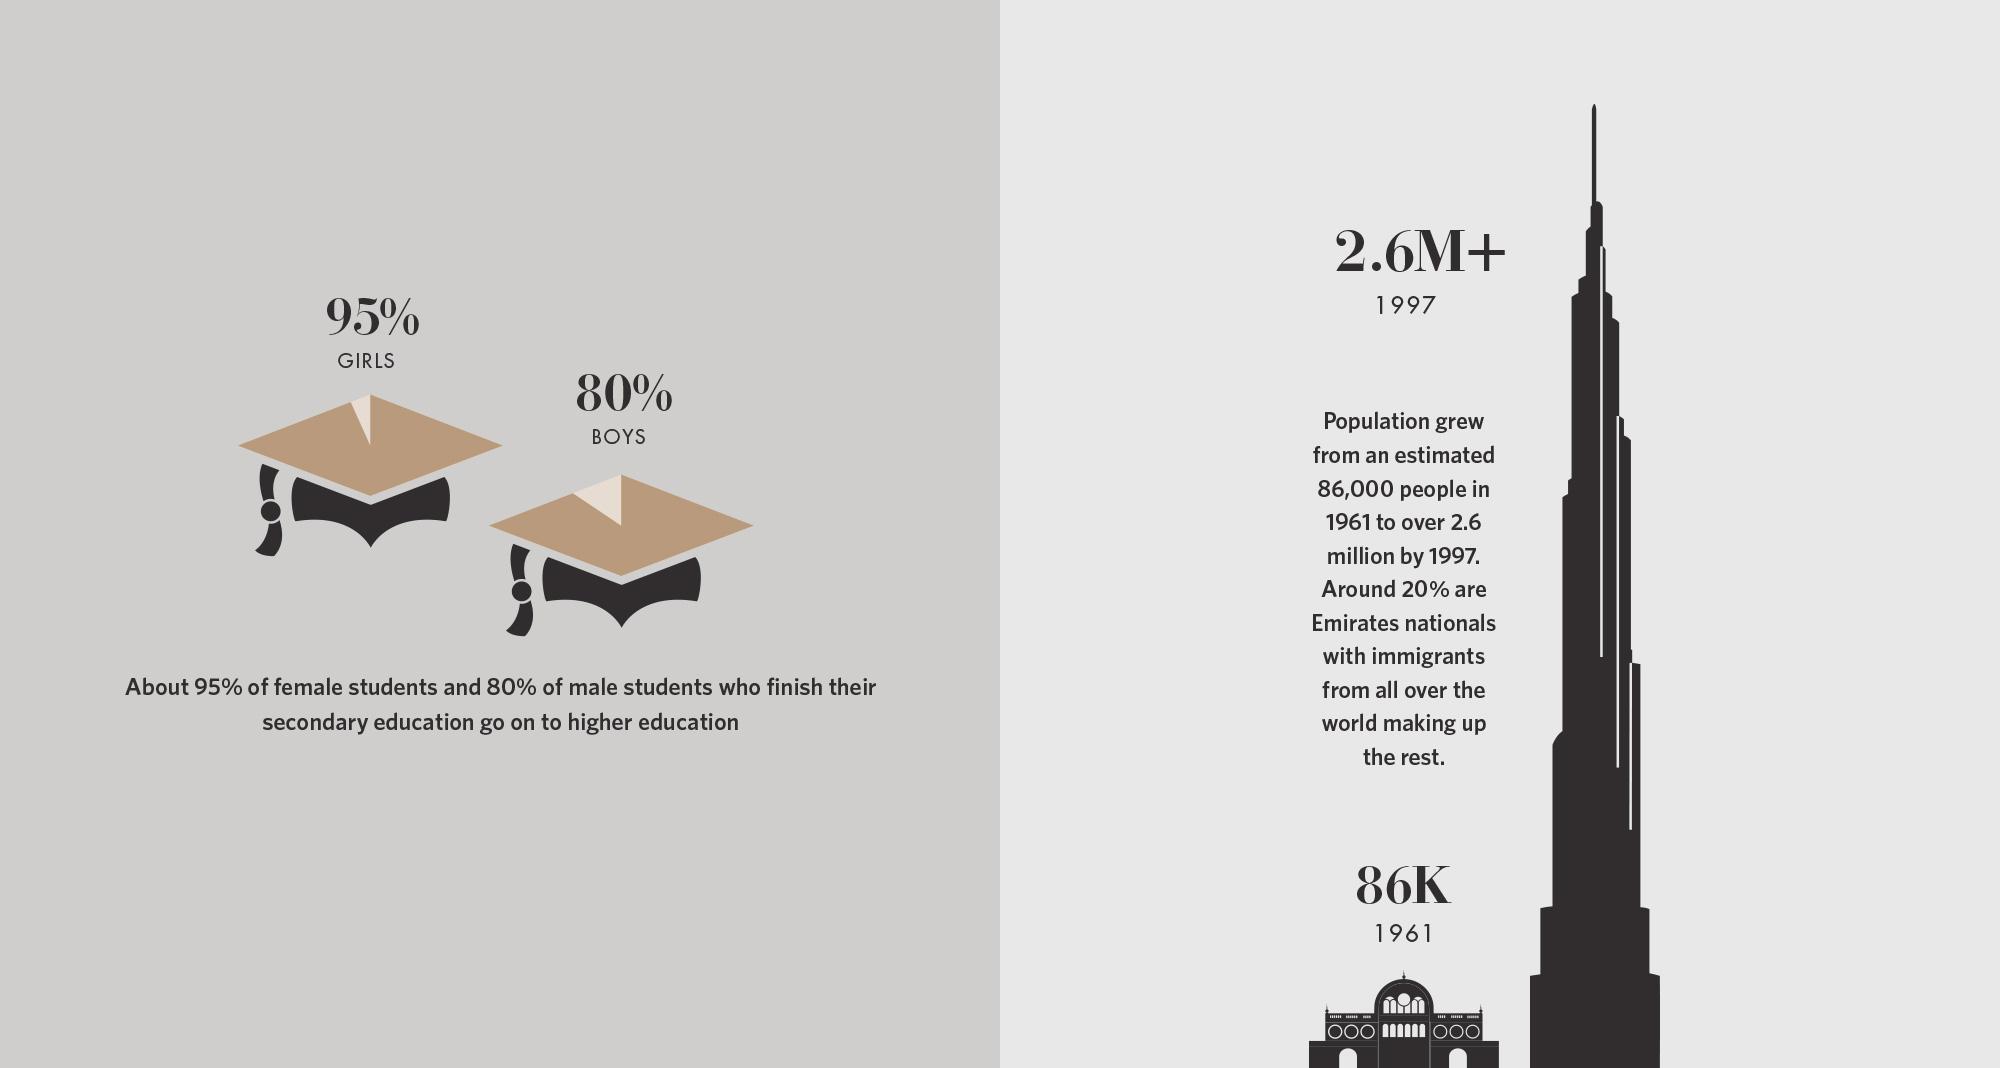 UAE-Infographic-Design.jpg